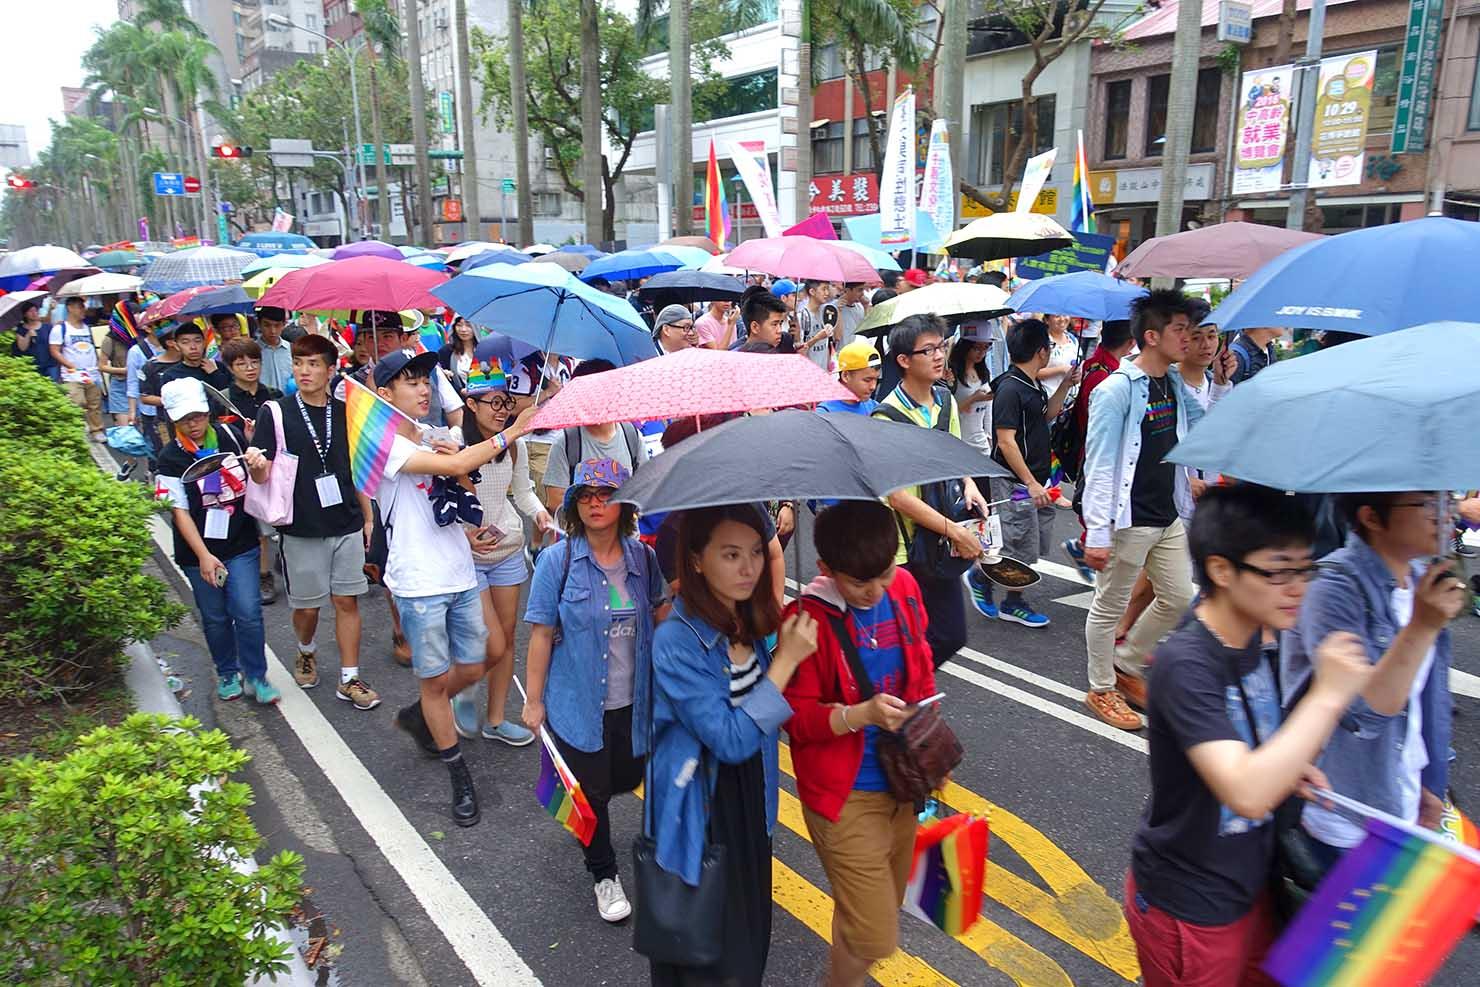 2016台灣同志遊行で傘を指しながら歩く参加者たち(撮影:Kazuki Mae)